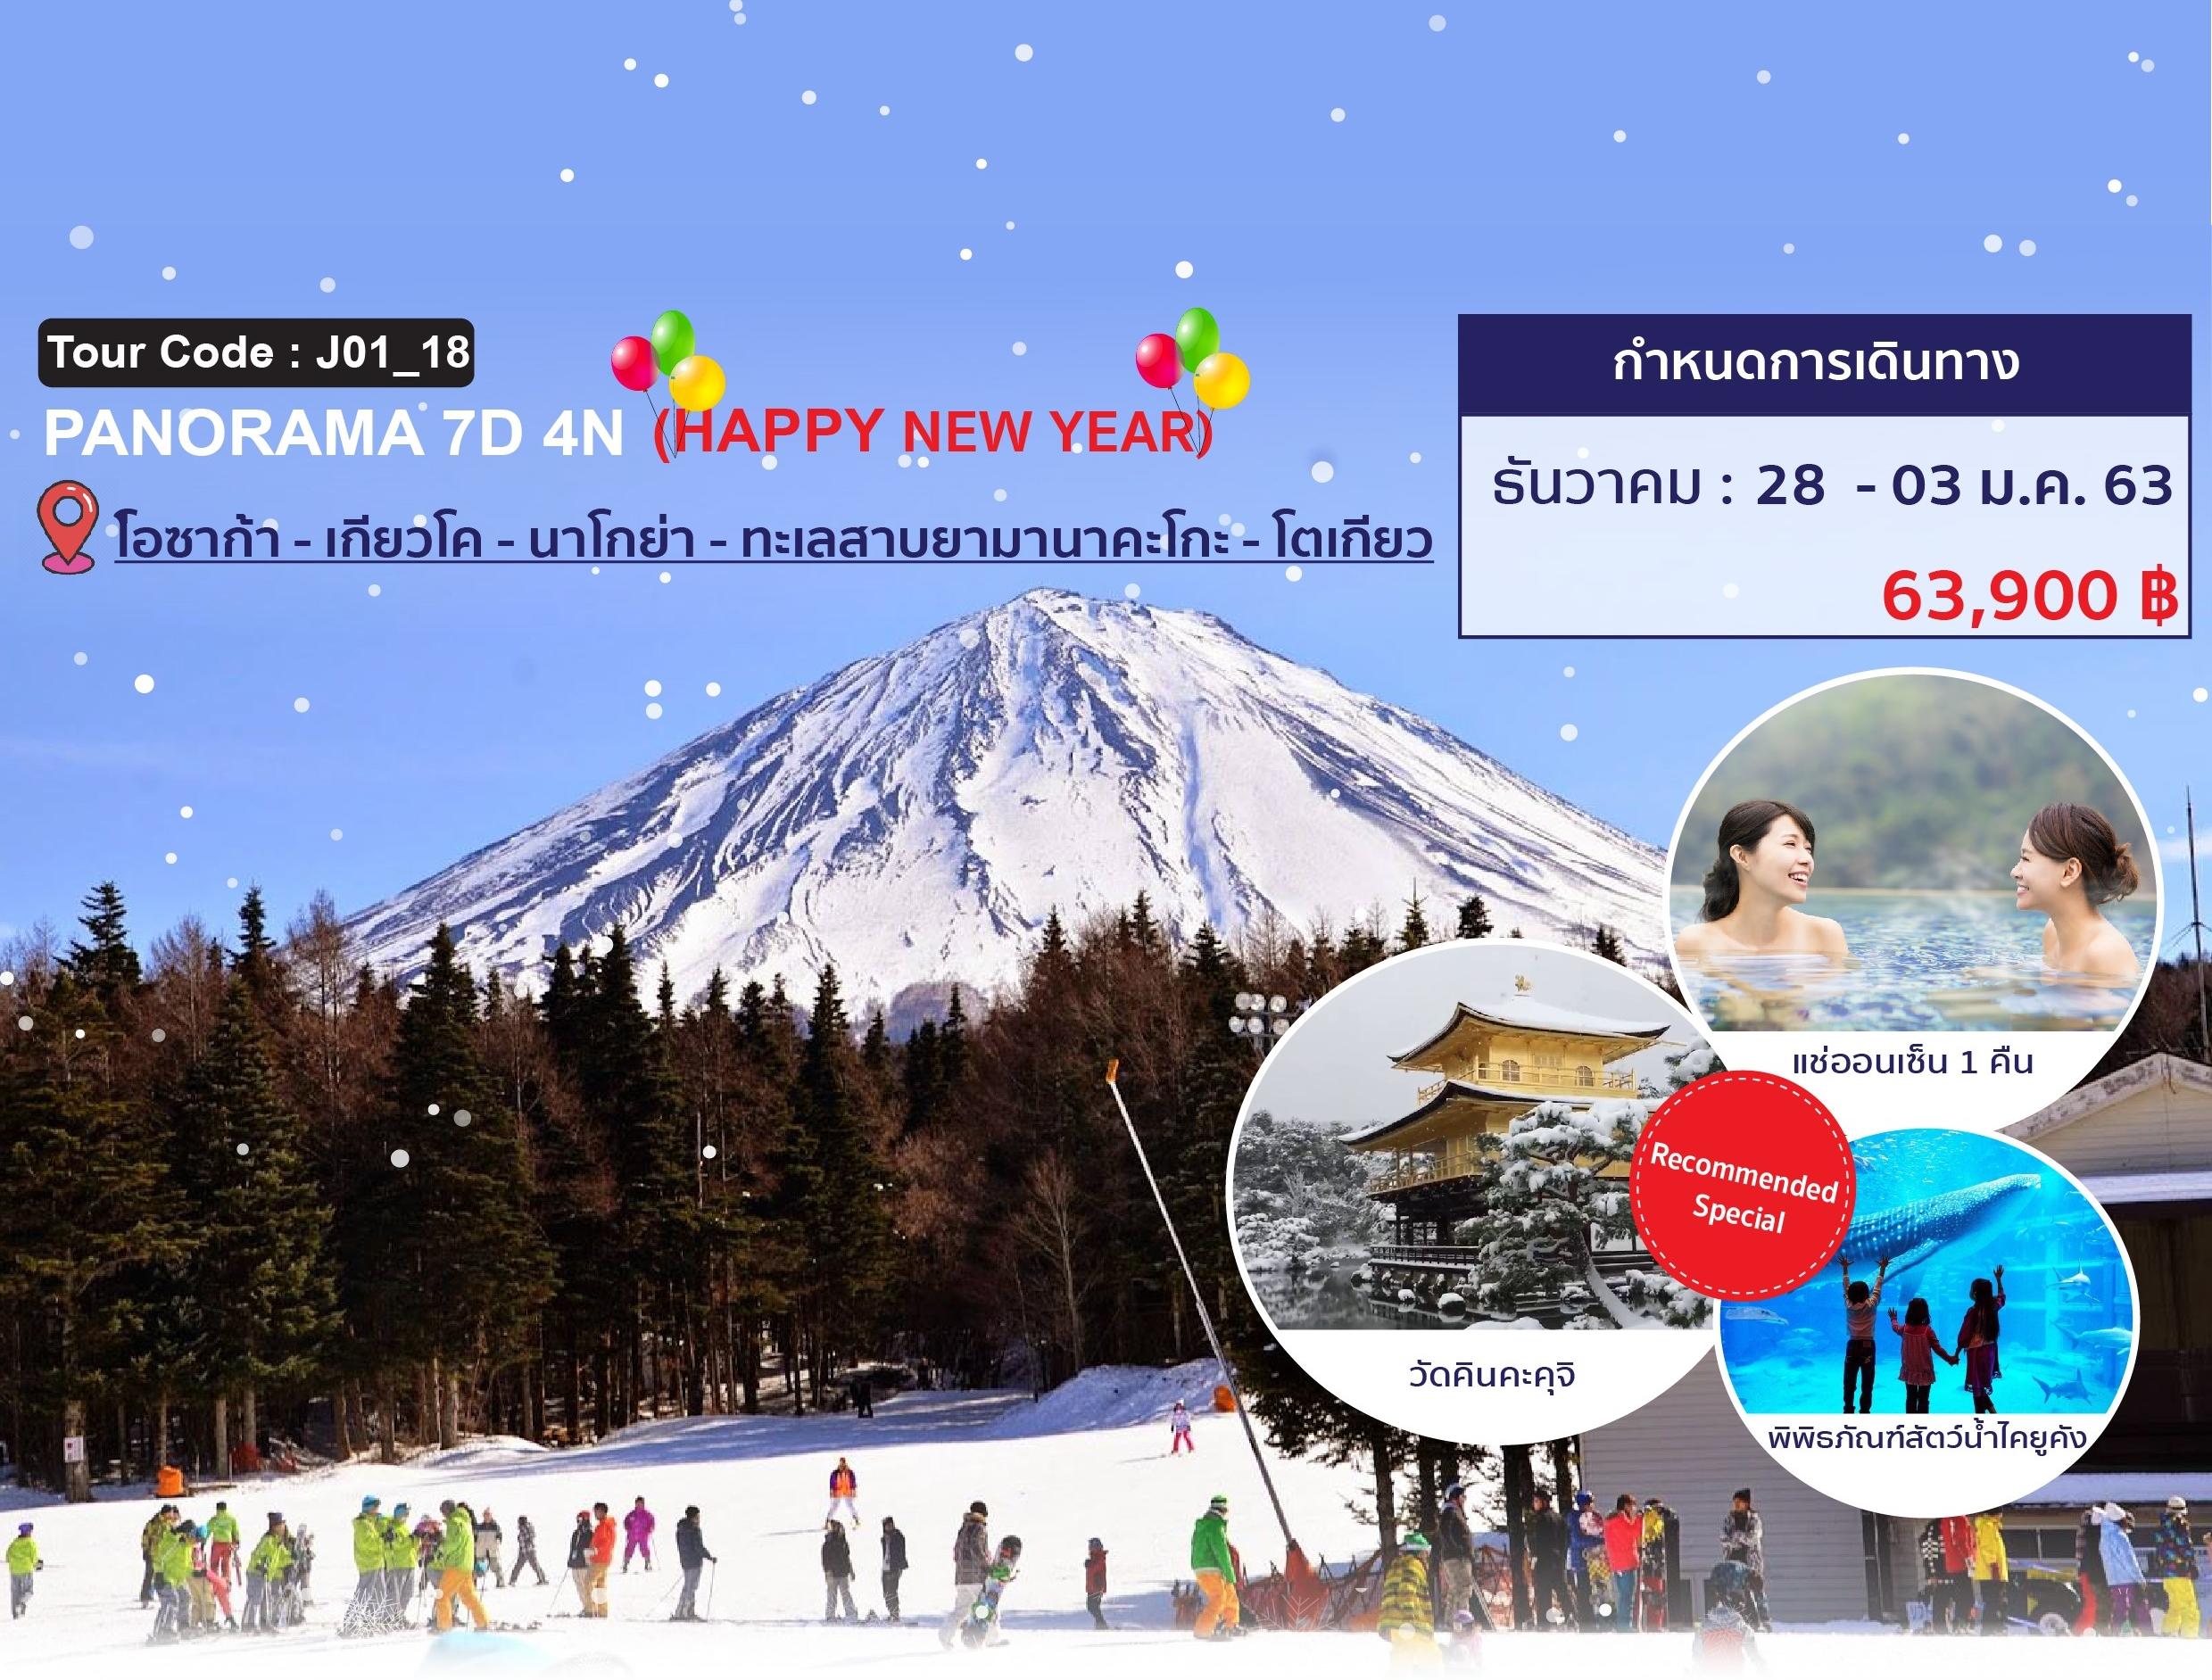 -ปีใหม่-!!-ทัวร์ญี่ปุ่น-โอซาก้า-เกียวโต-นาโกย่า-โตเกียว-7-วัน-4-คืน-(28DEC19-3JAN20)(J01_18)-